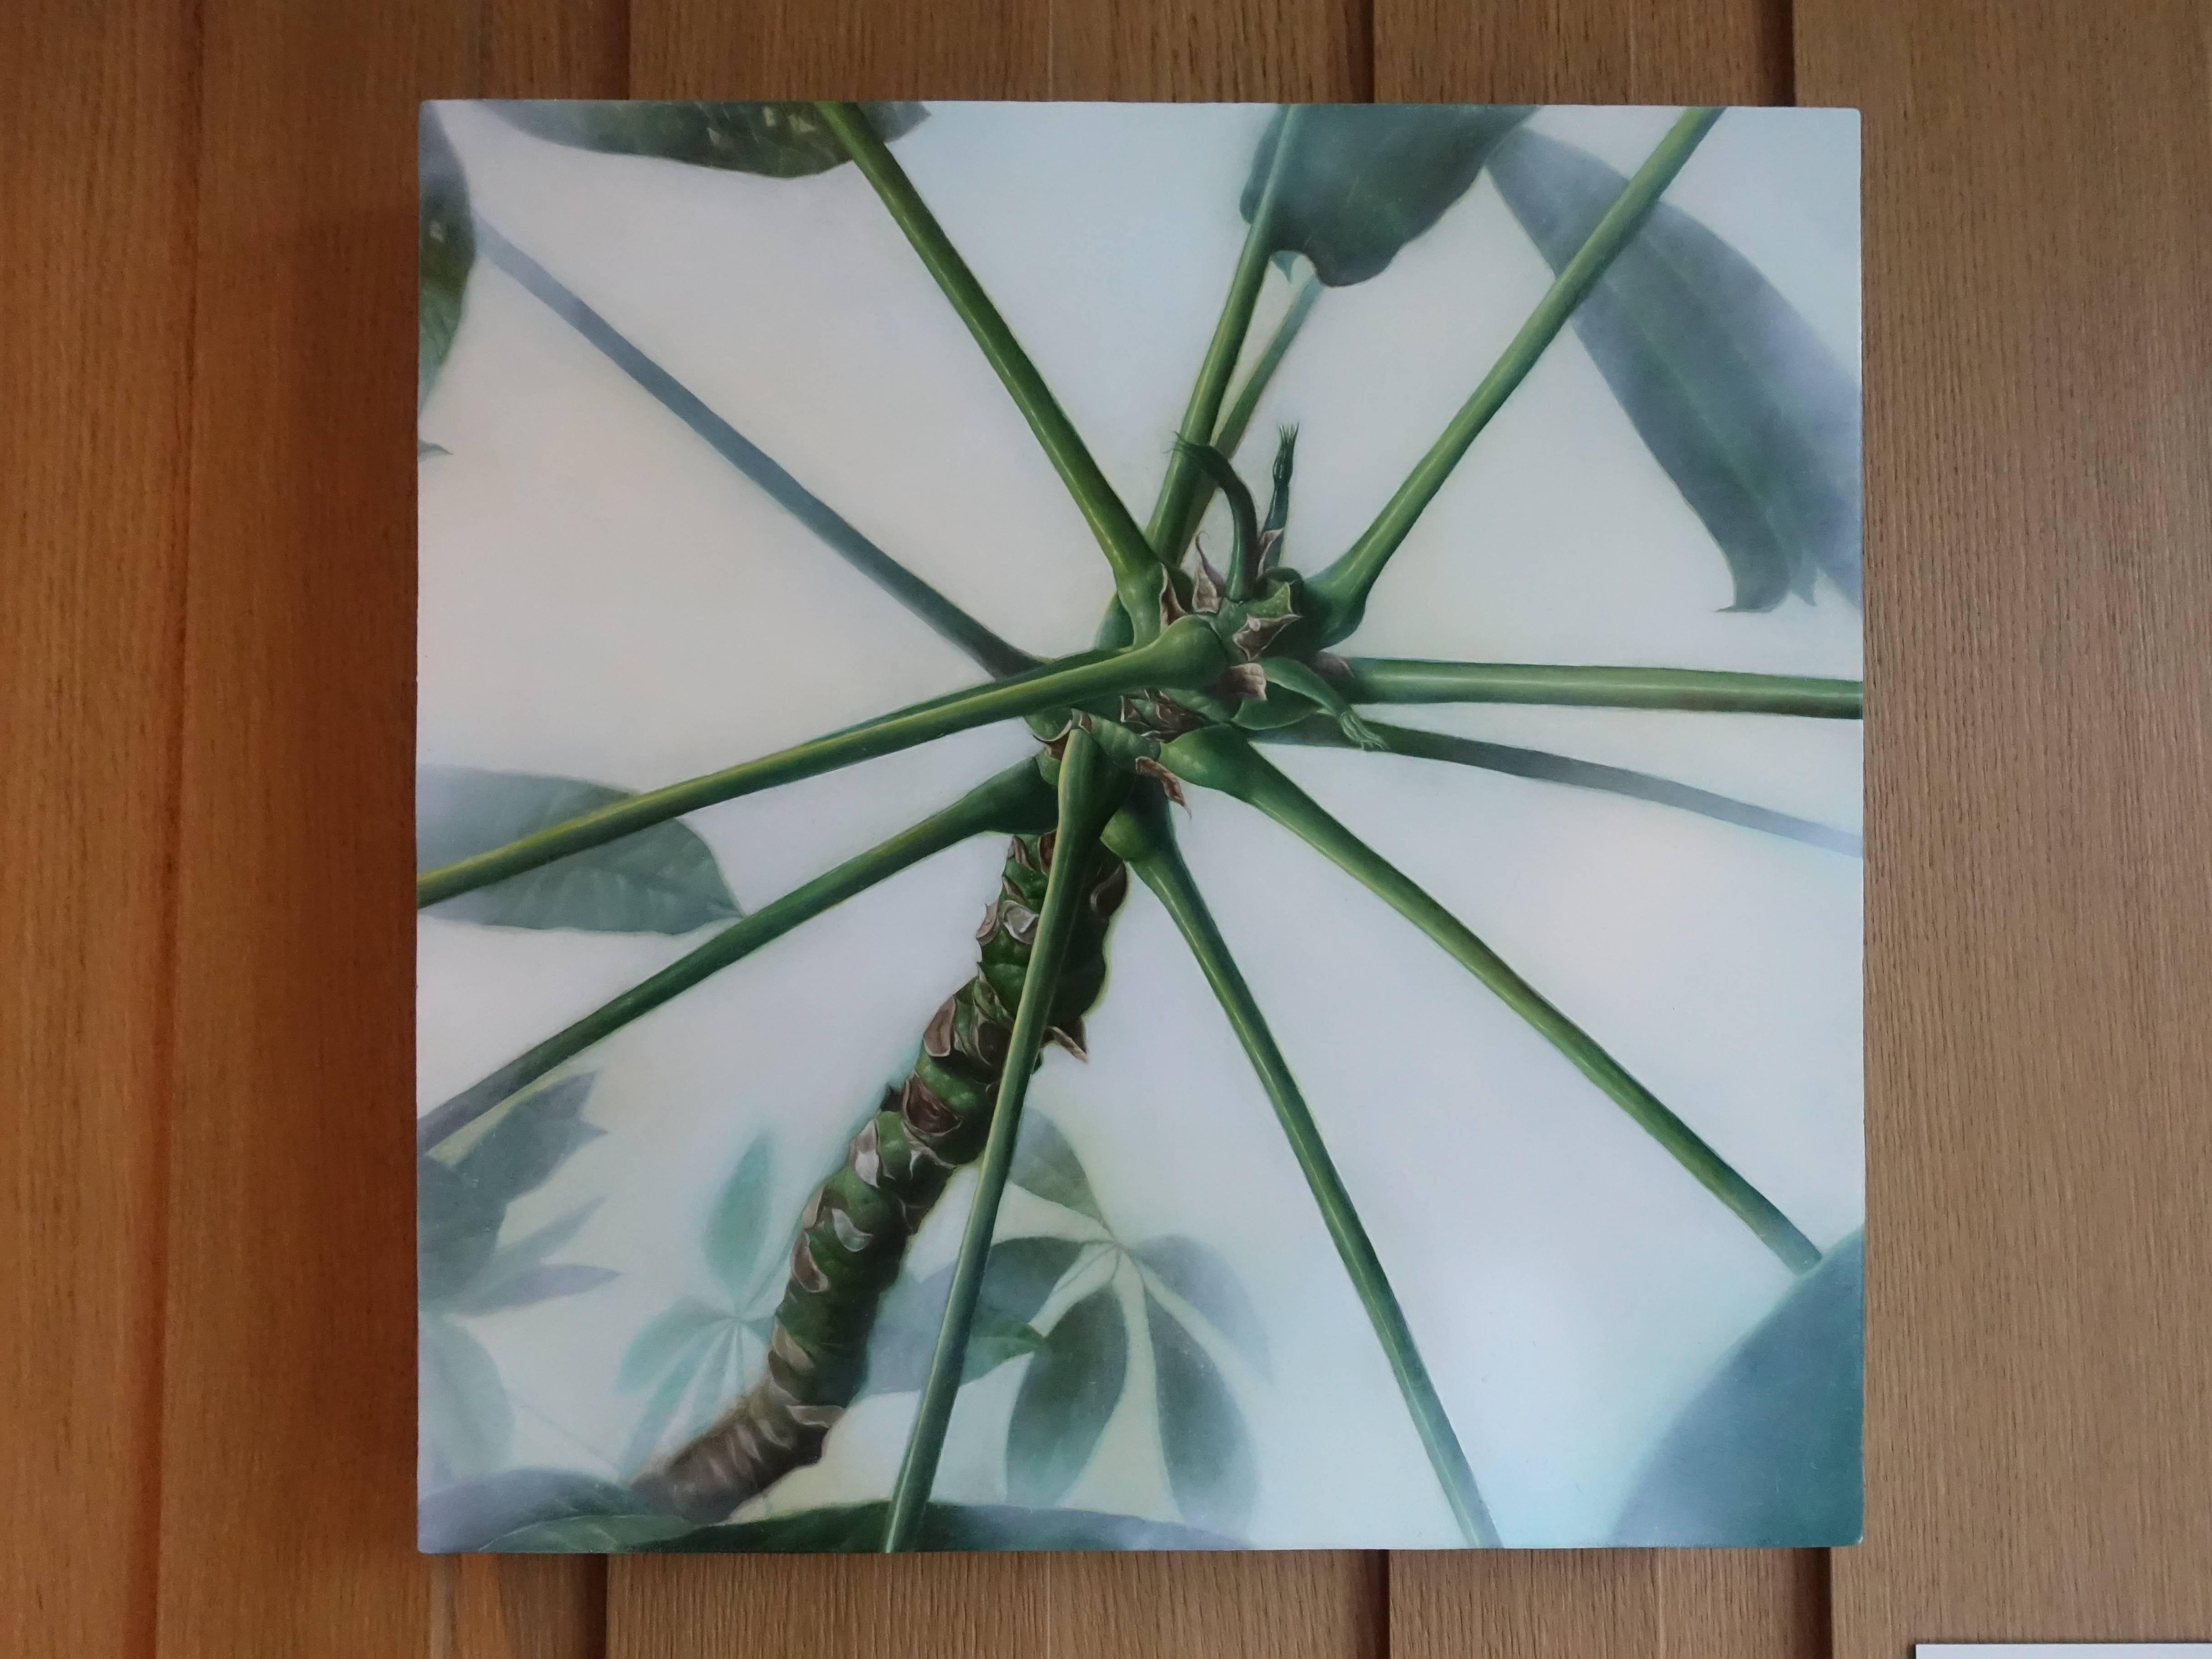 大觀藝術空間藝術家 - 顏群,《座標與形狀-1》,40 x 40 cm,油彩、畫布,2018。